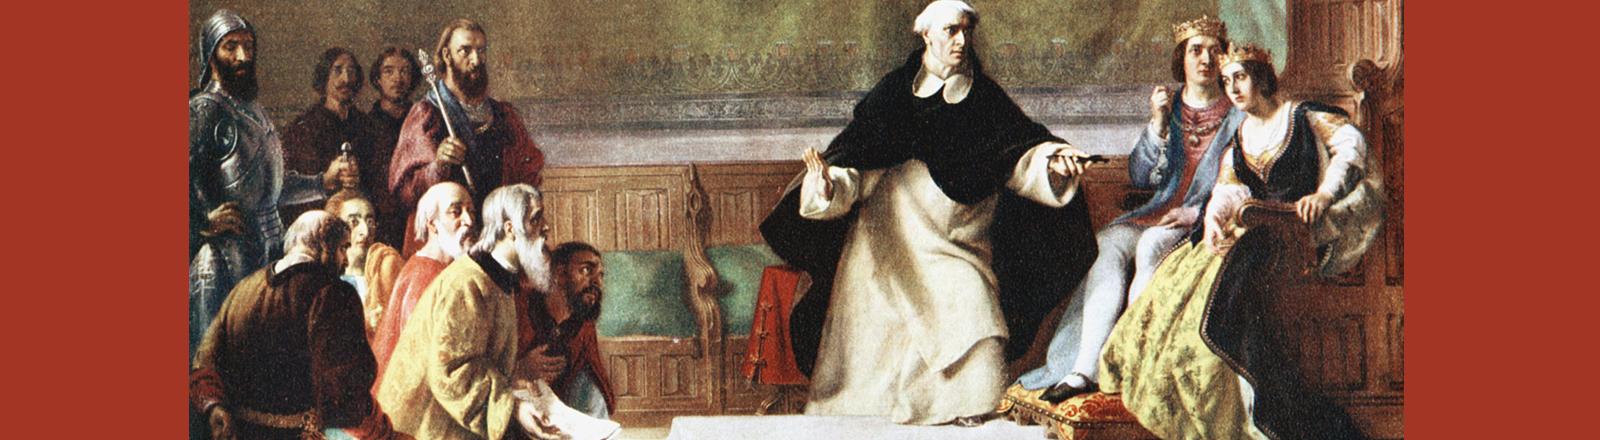 Männer mit Bart knieen vor einem Königspaar